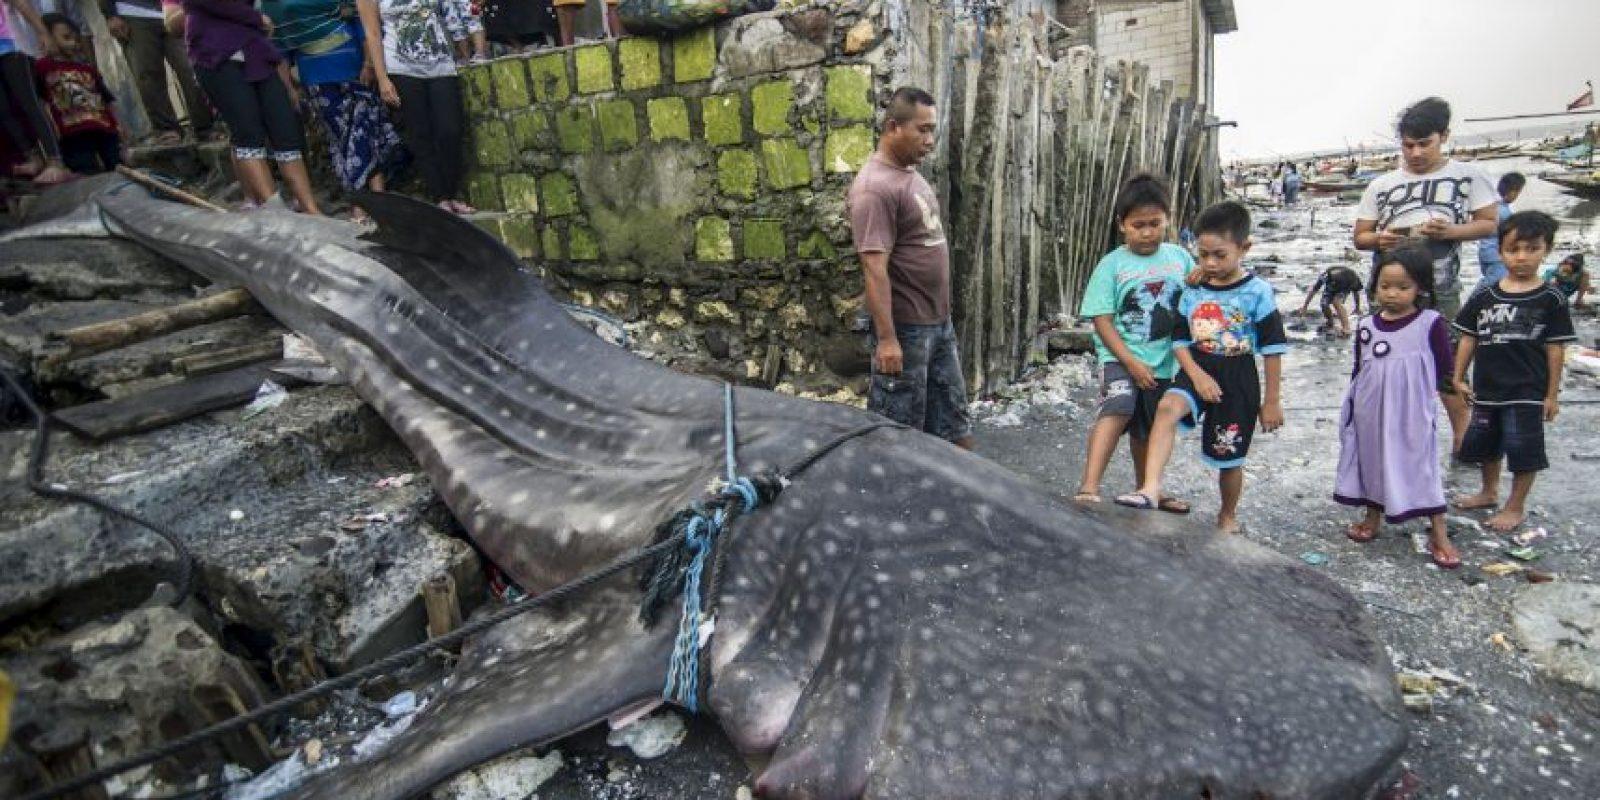 Los lugareños se reúnen alrededor de la carcasa de un tiburón ballena muerto en Indonesia. Foto:AFP